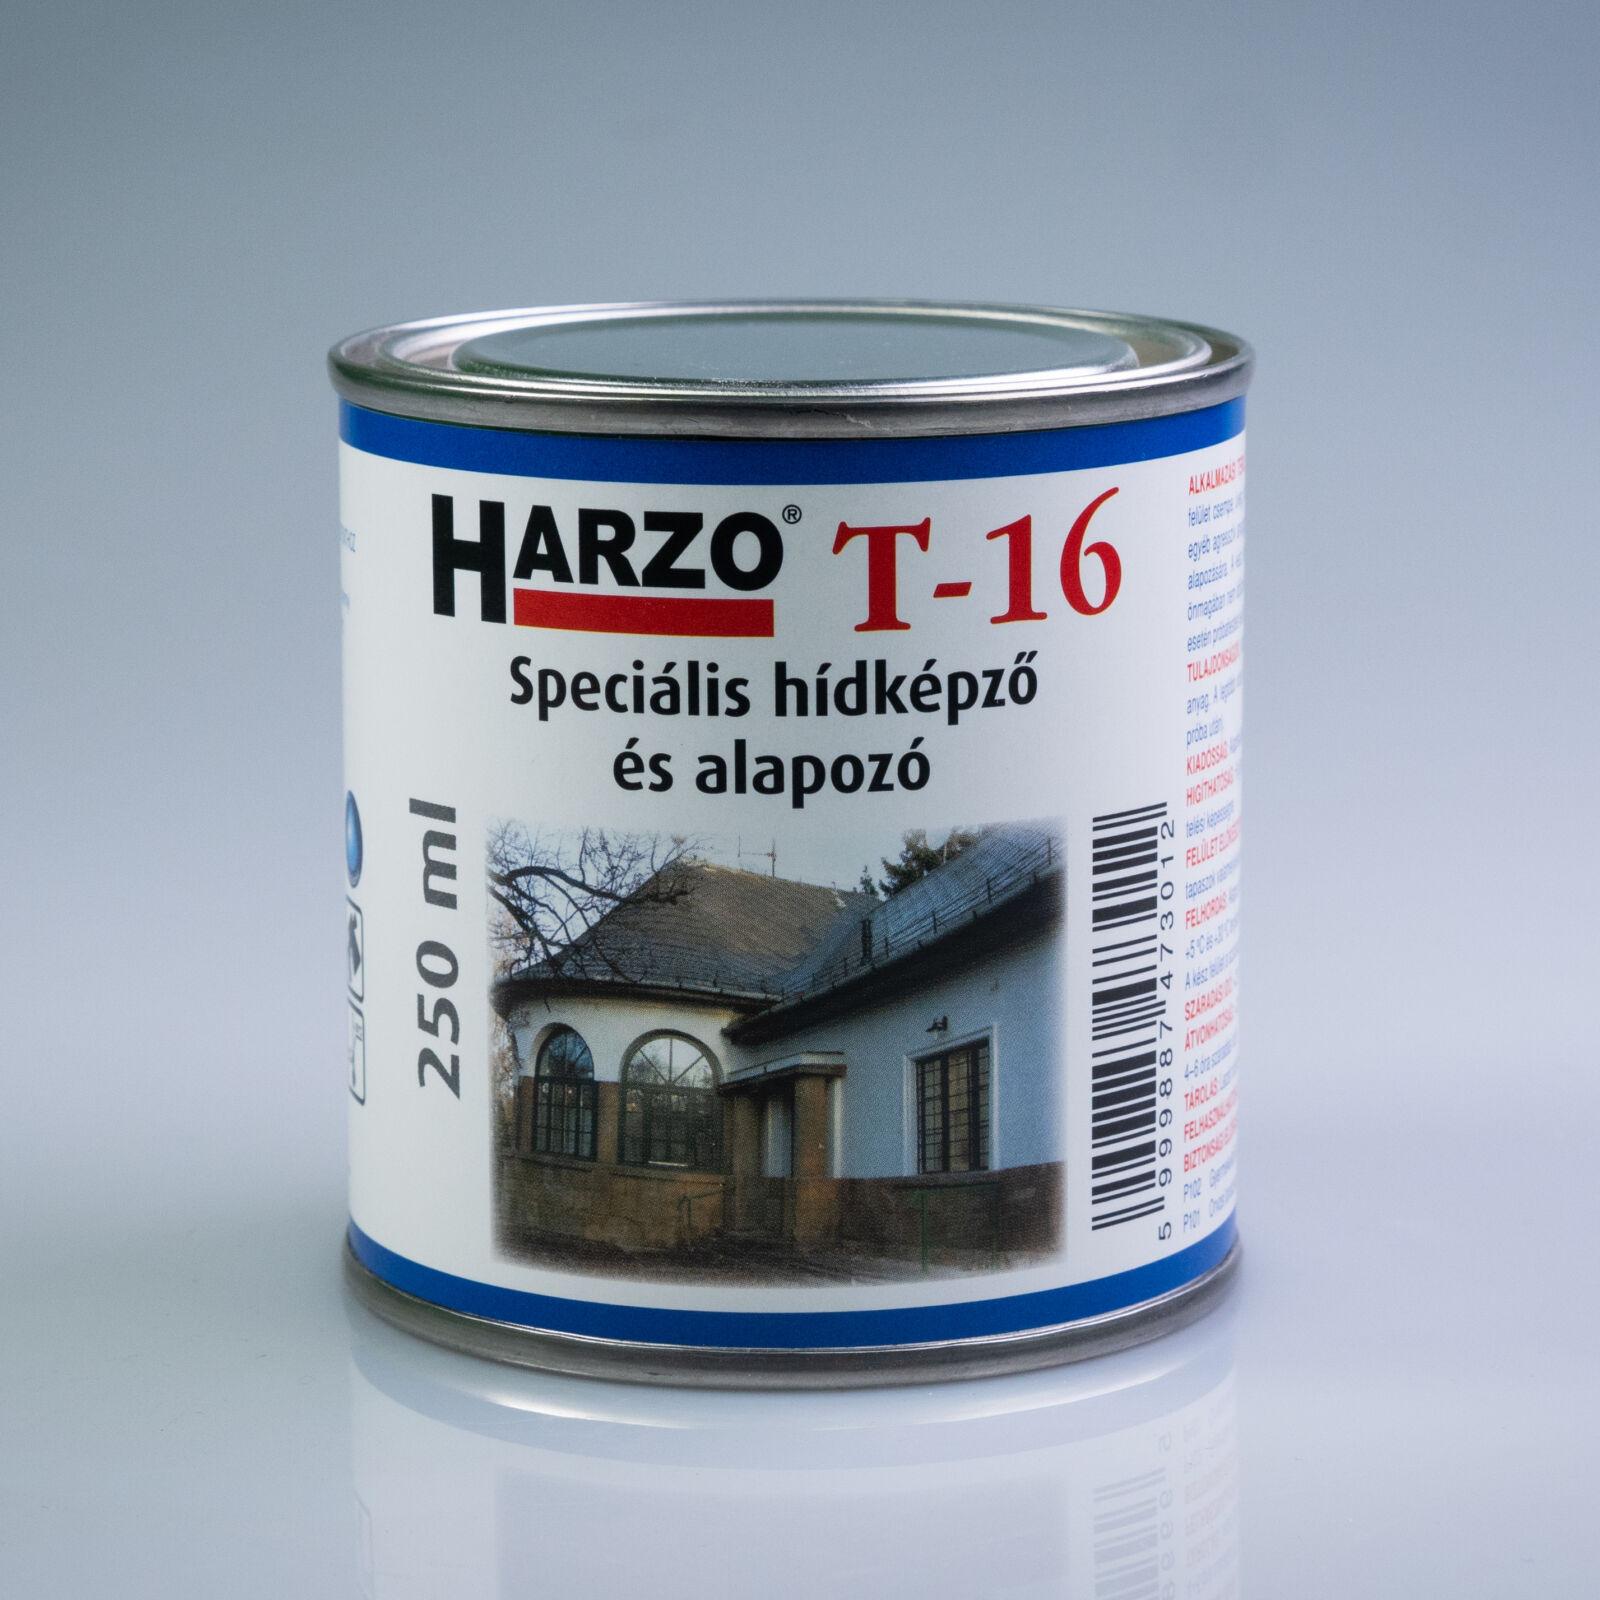 HARZO-T16 speciális hídképző [0.25 l]